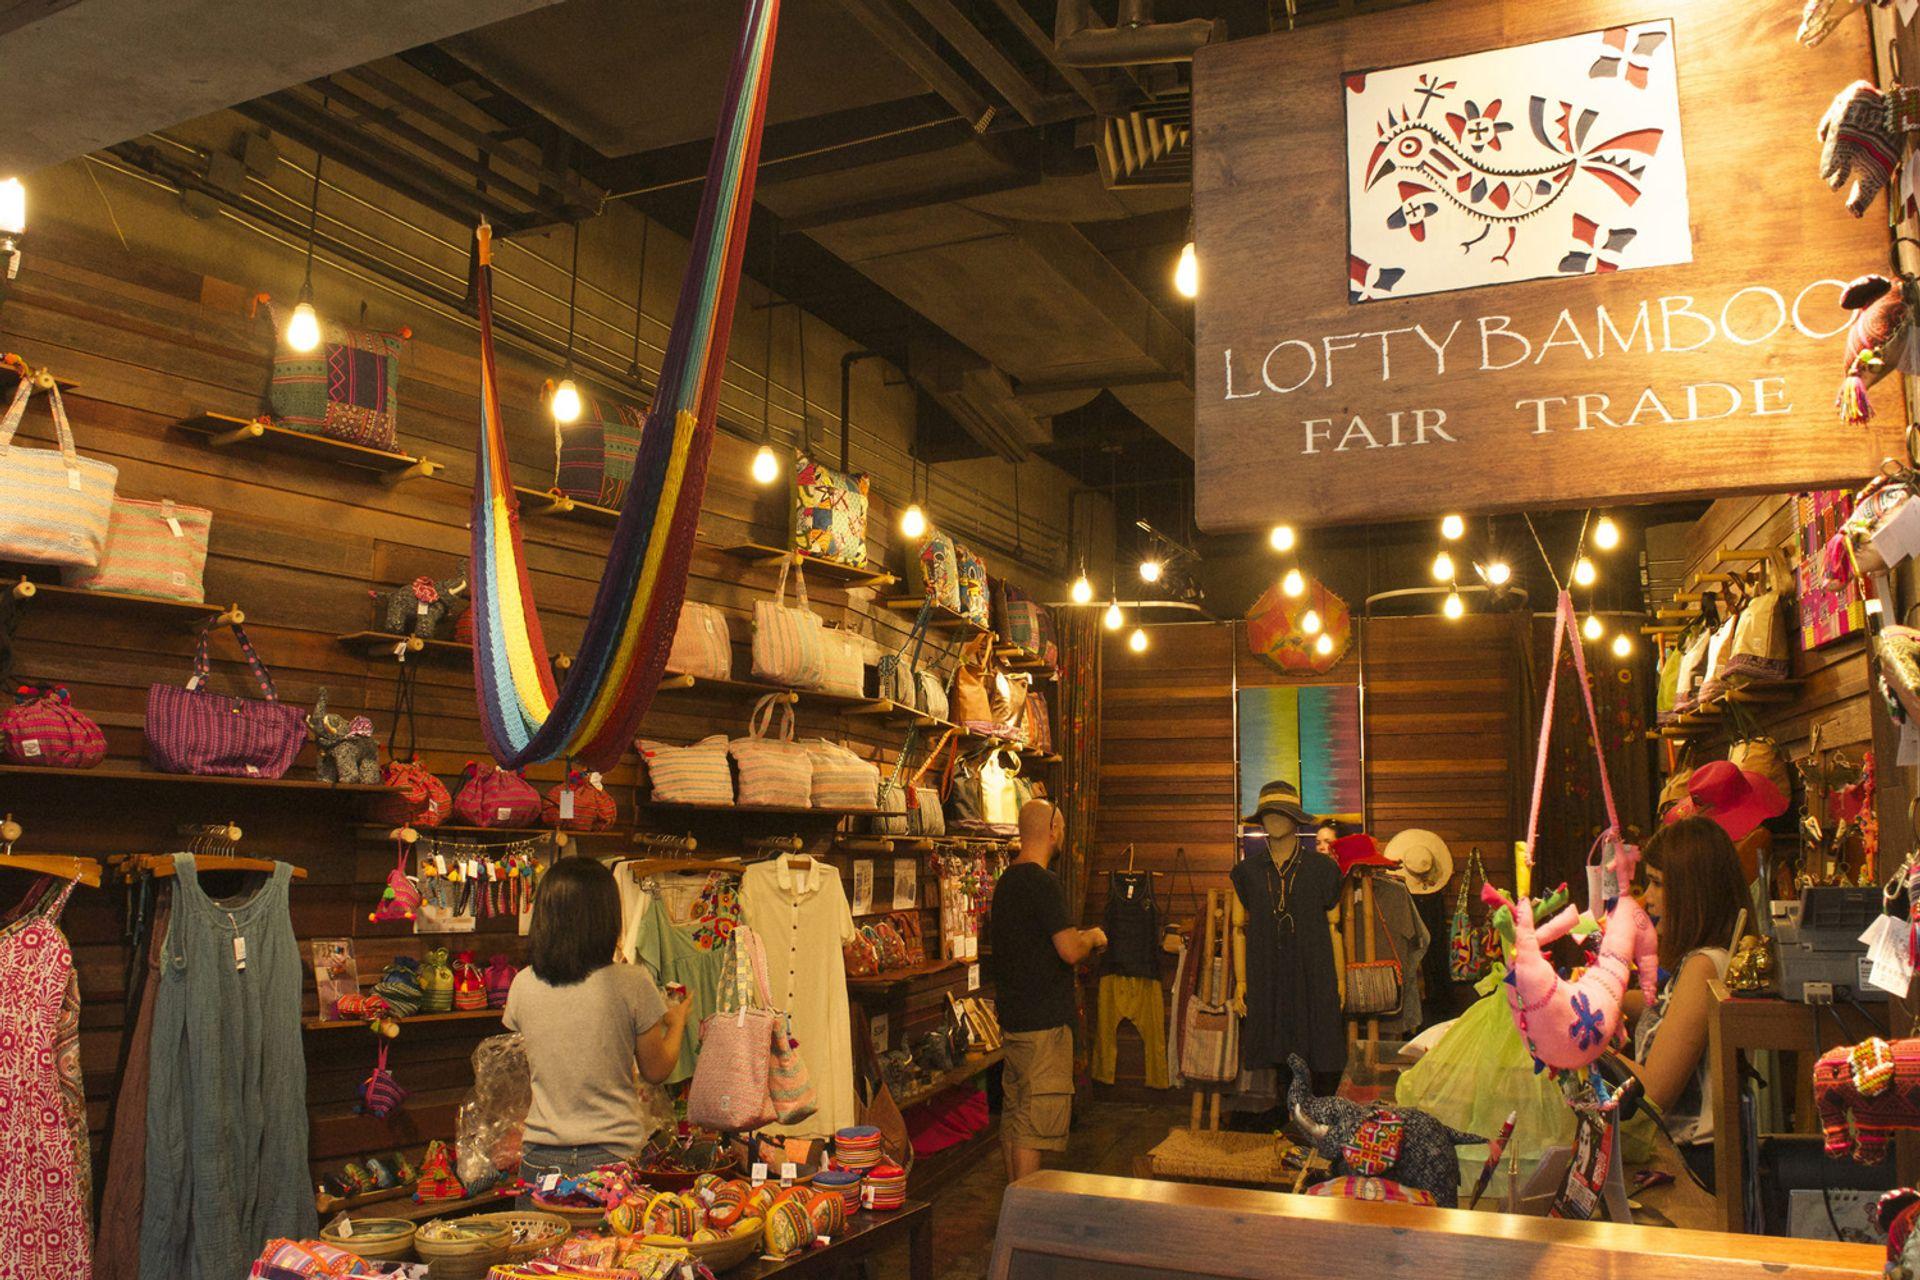 Lofty Bamboo Fairtrade